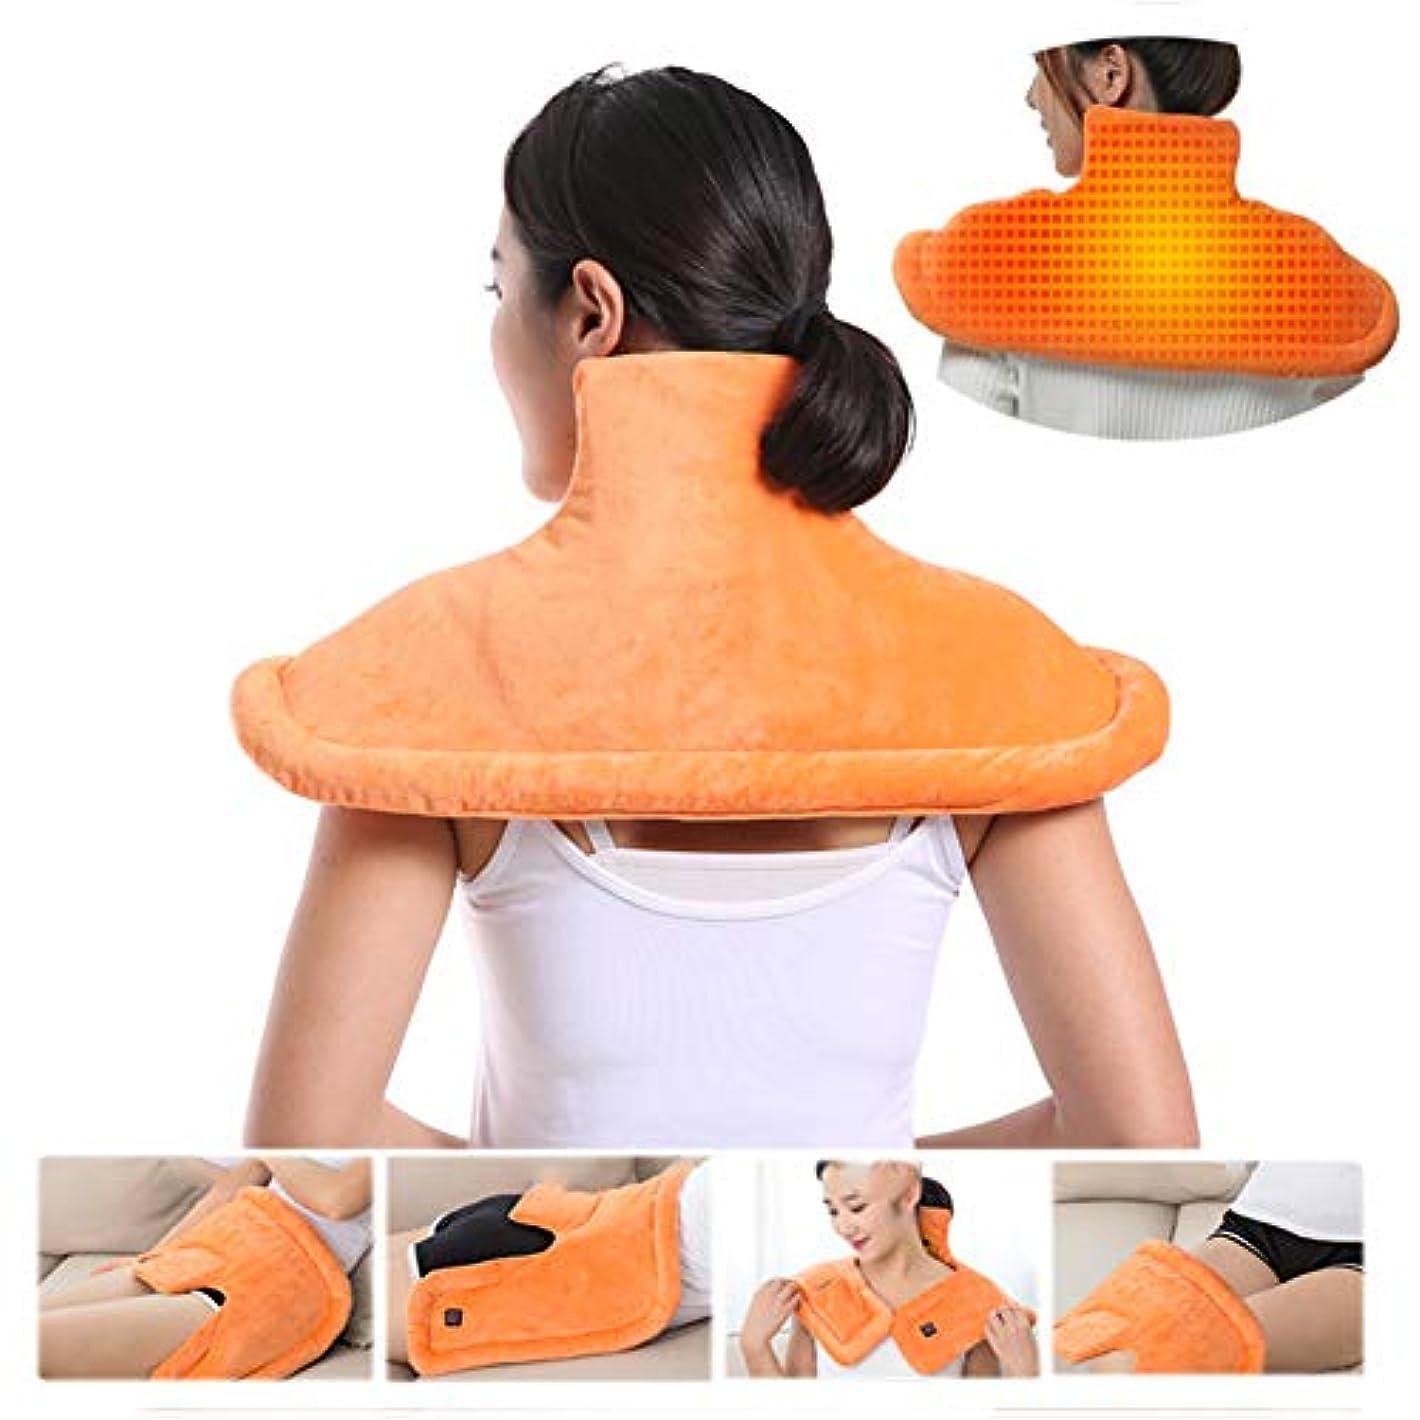 ロードされた添加剤信条首の肩の背部暖房パッド、マッサージのヒートラップの熱くするショールの減圧のための調節可能な強度フルボディマッサージ首の肩暖房湿った熱療法のパッド